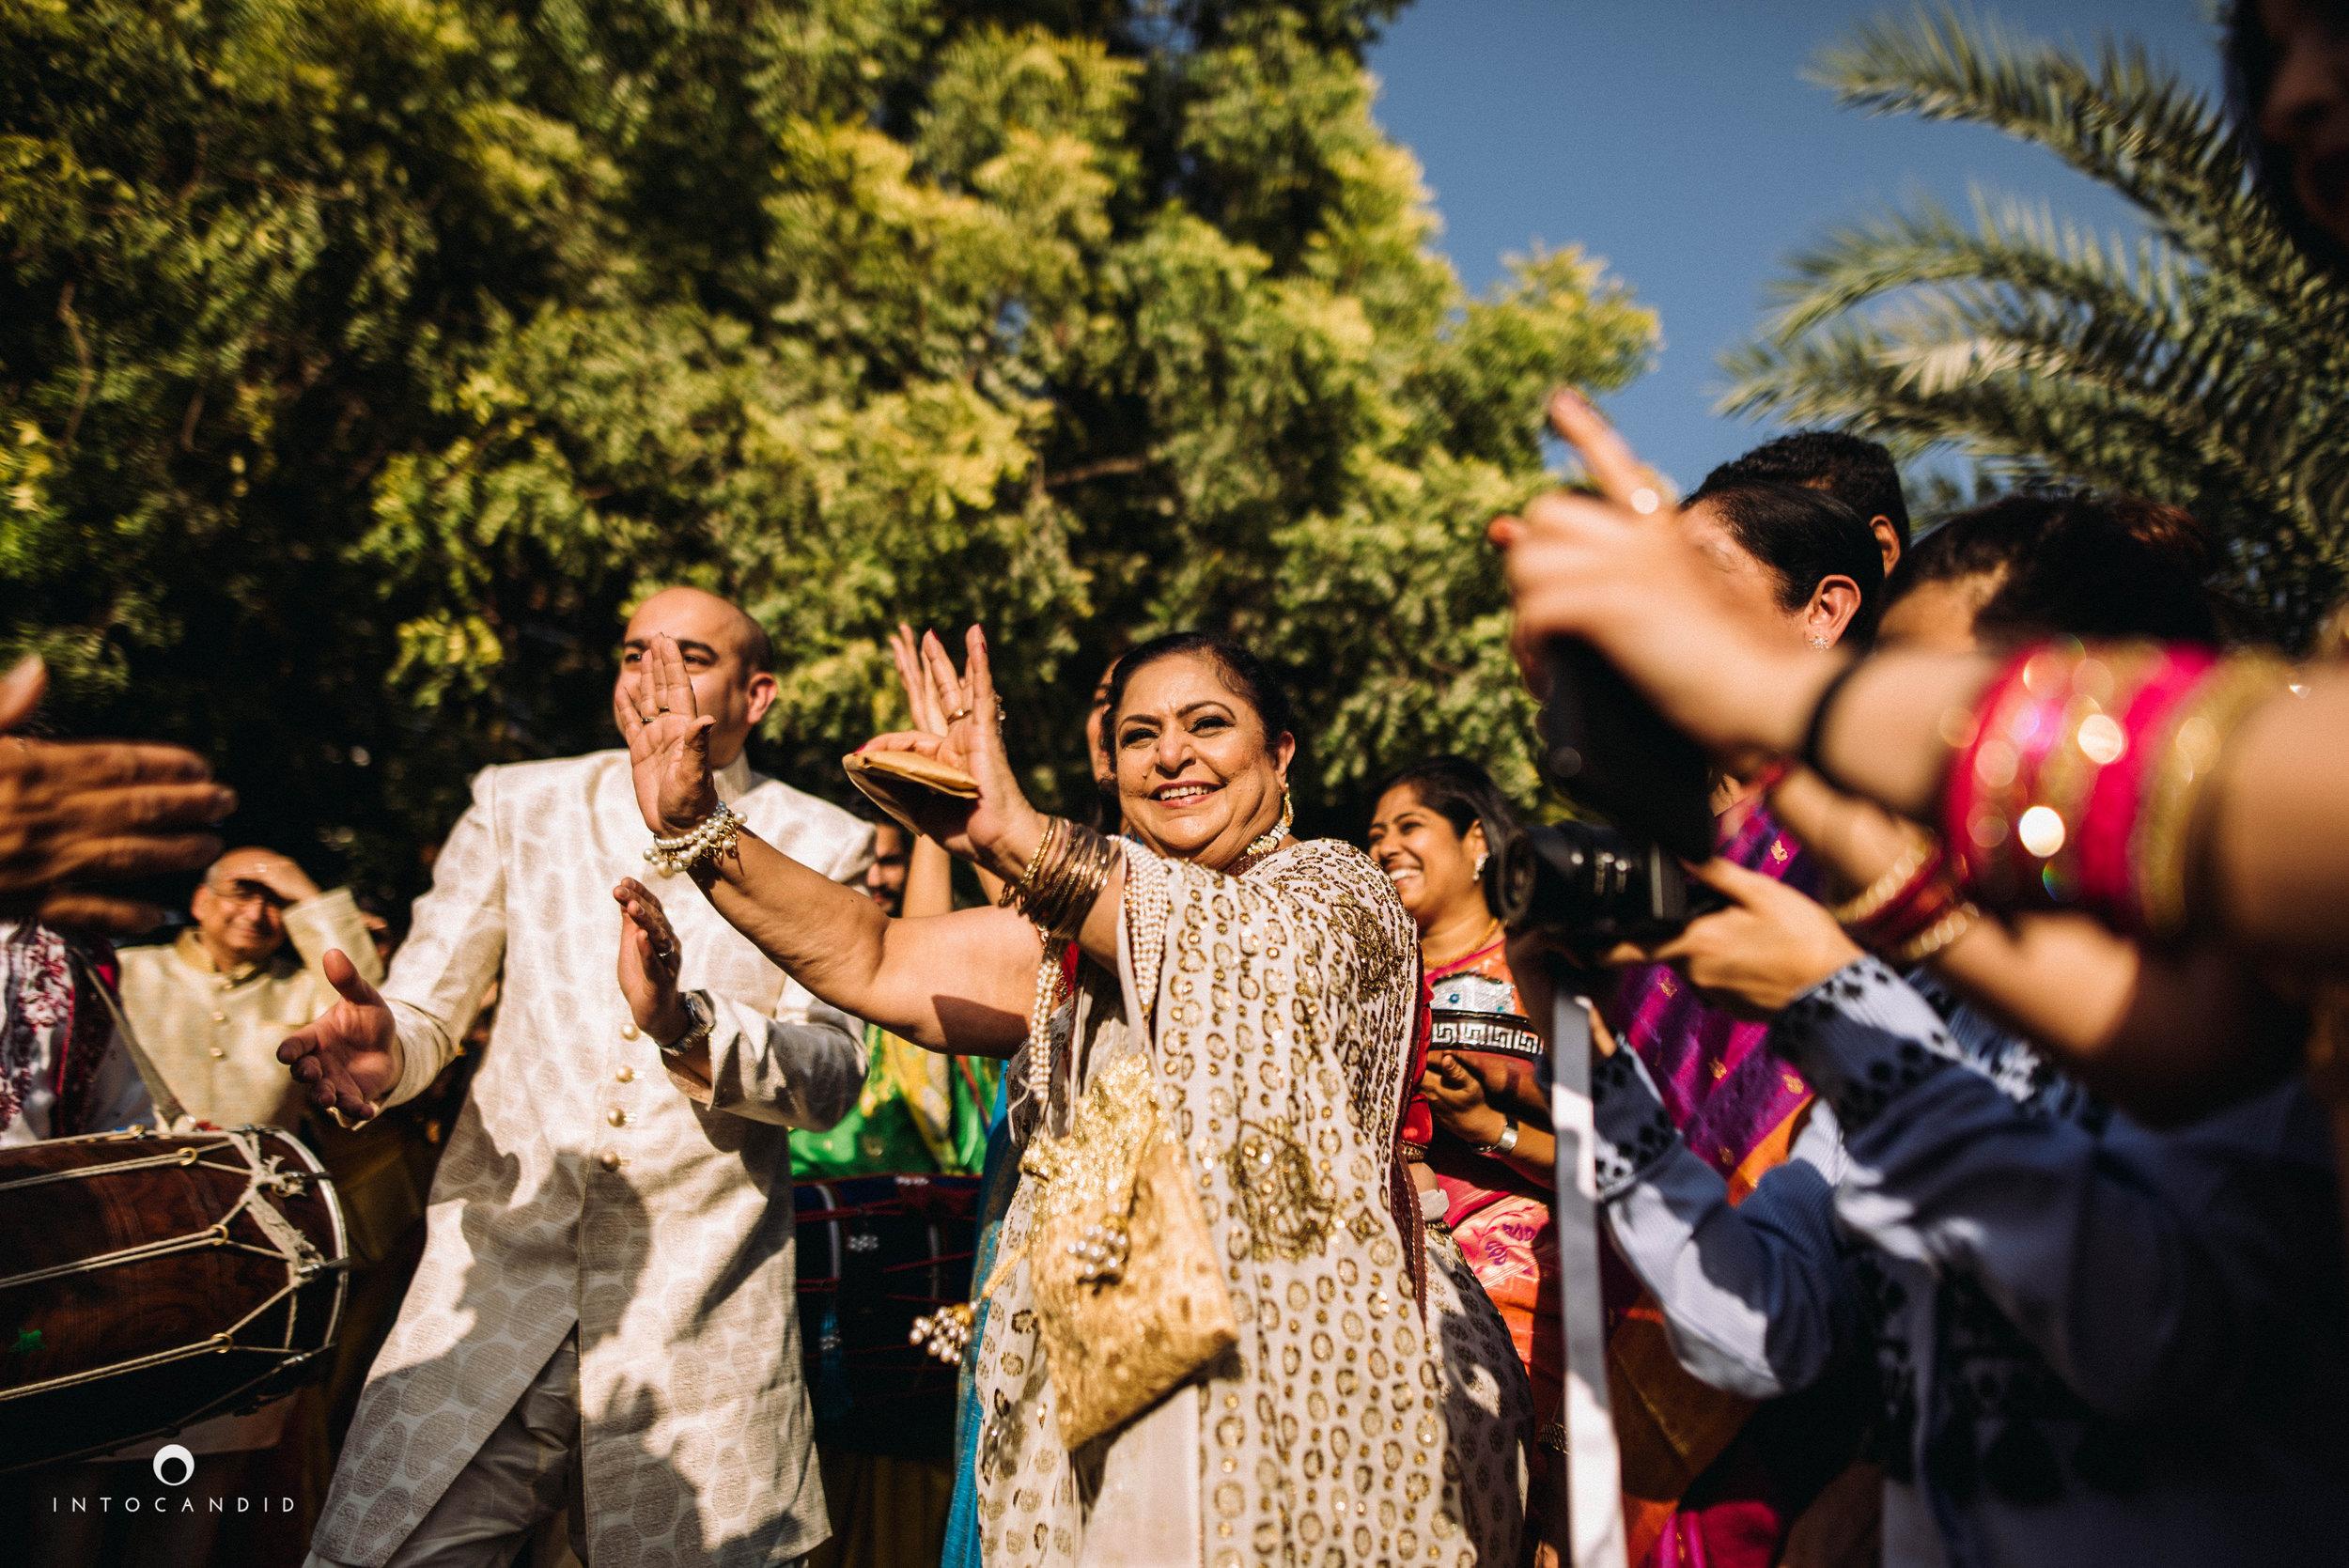 Dubai_Wedding_Photographer_21.JPG